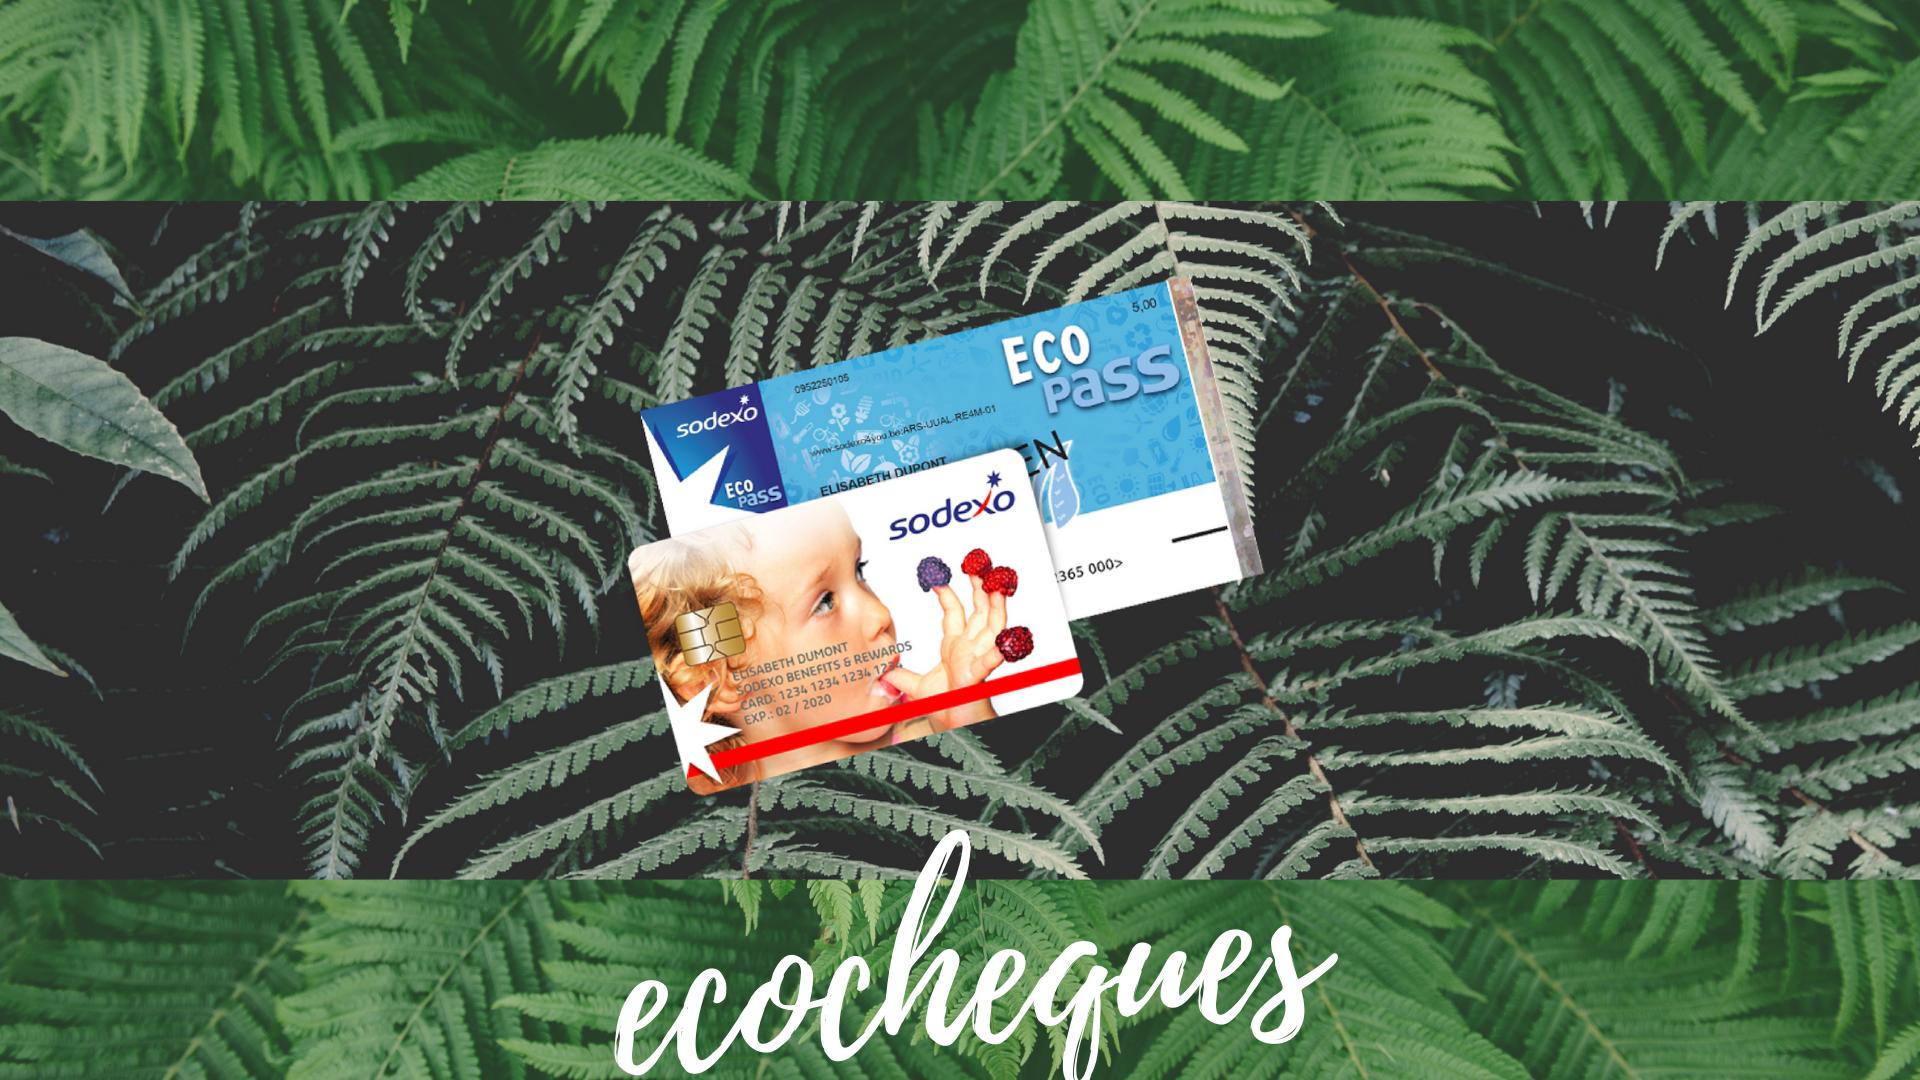 Sinds maart aanvaarden wij ECO CHEQUES van Sodexo, joepie!